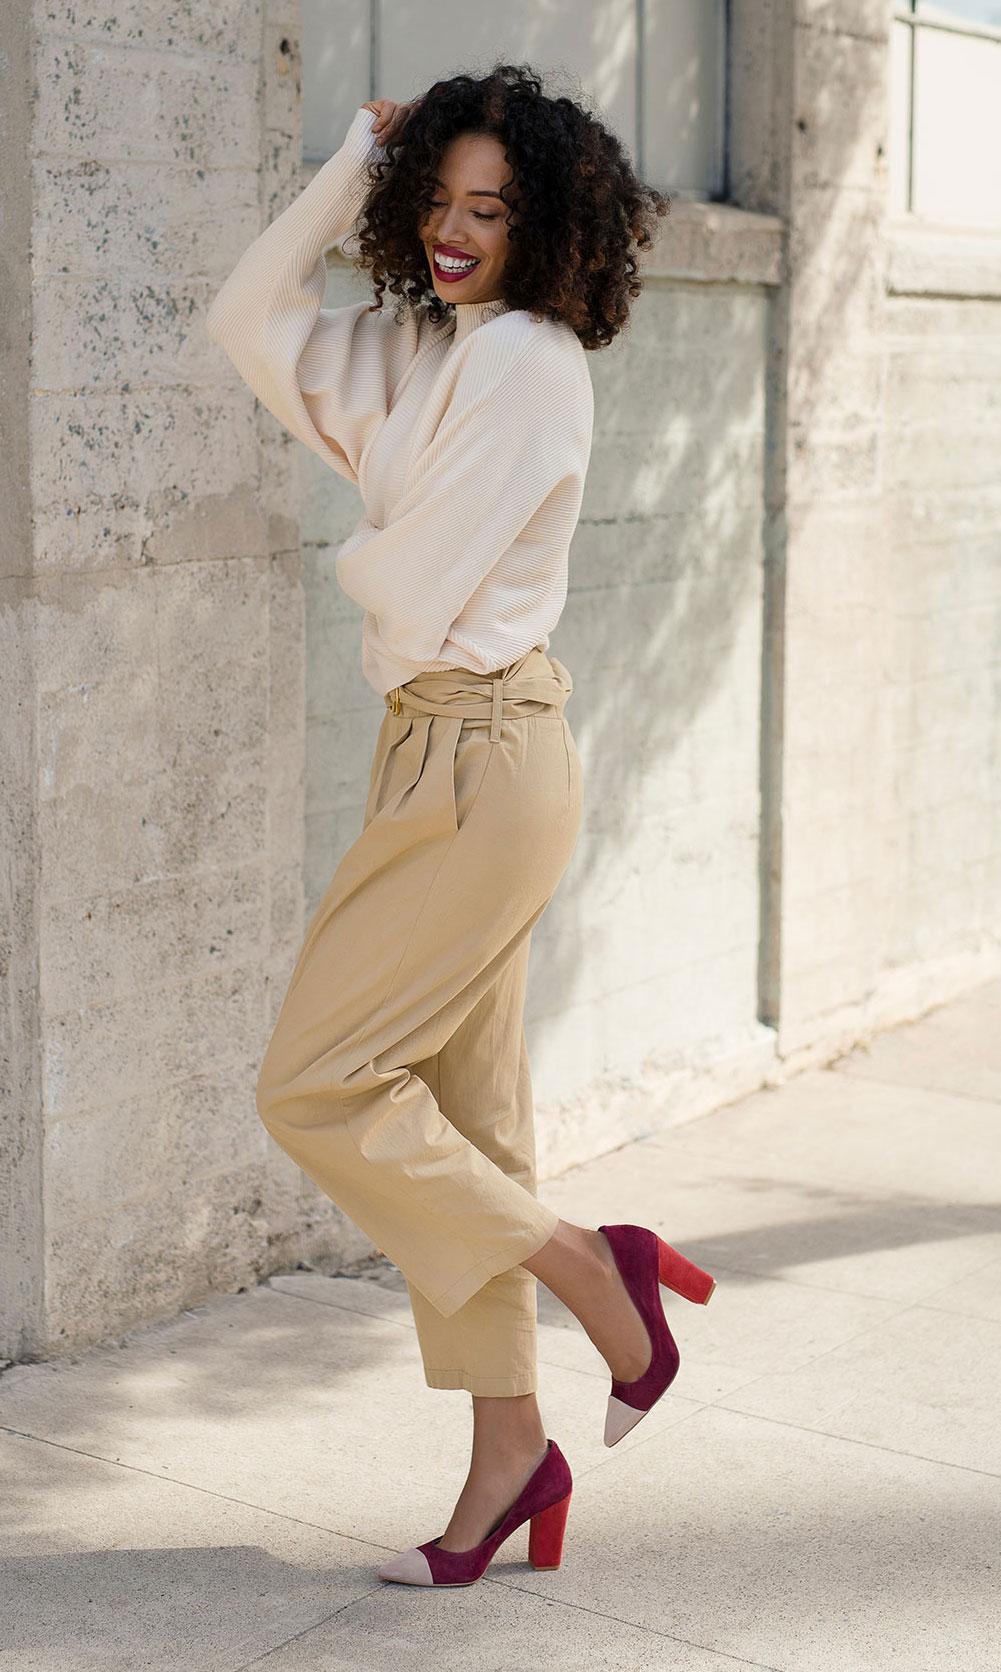 Suede 4 inch pumps - how to walk in heels